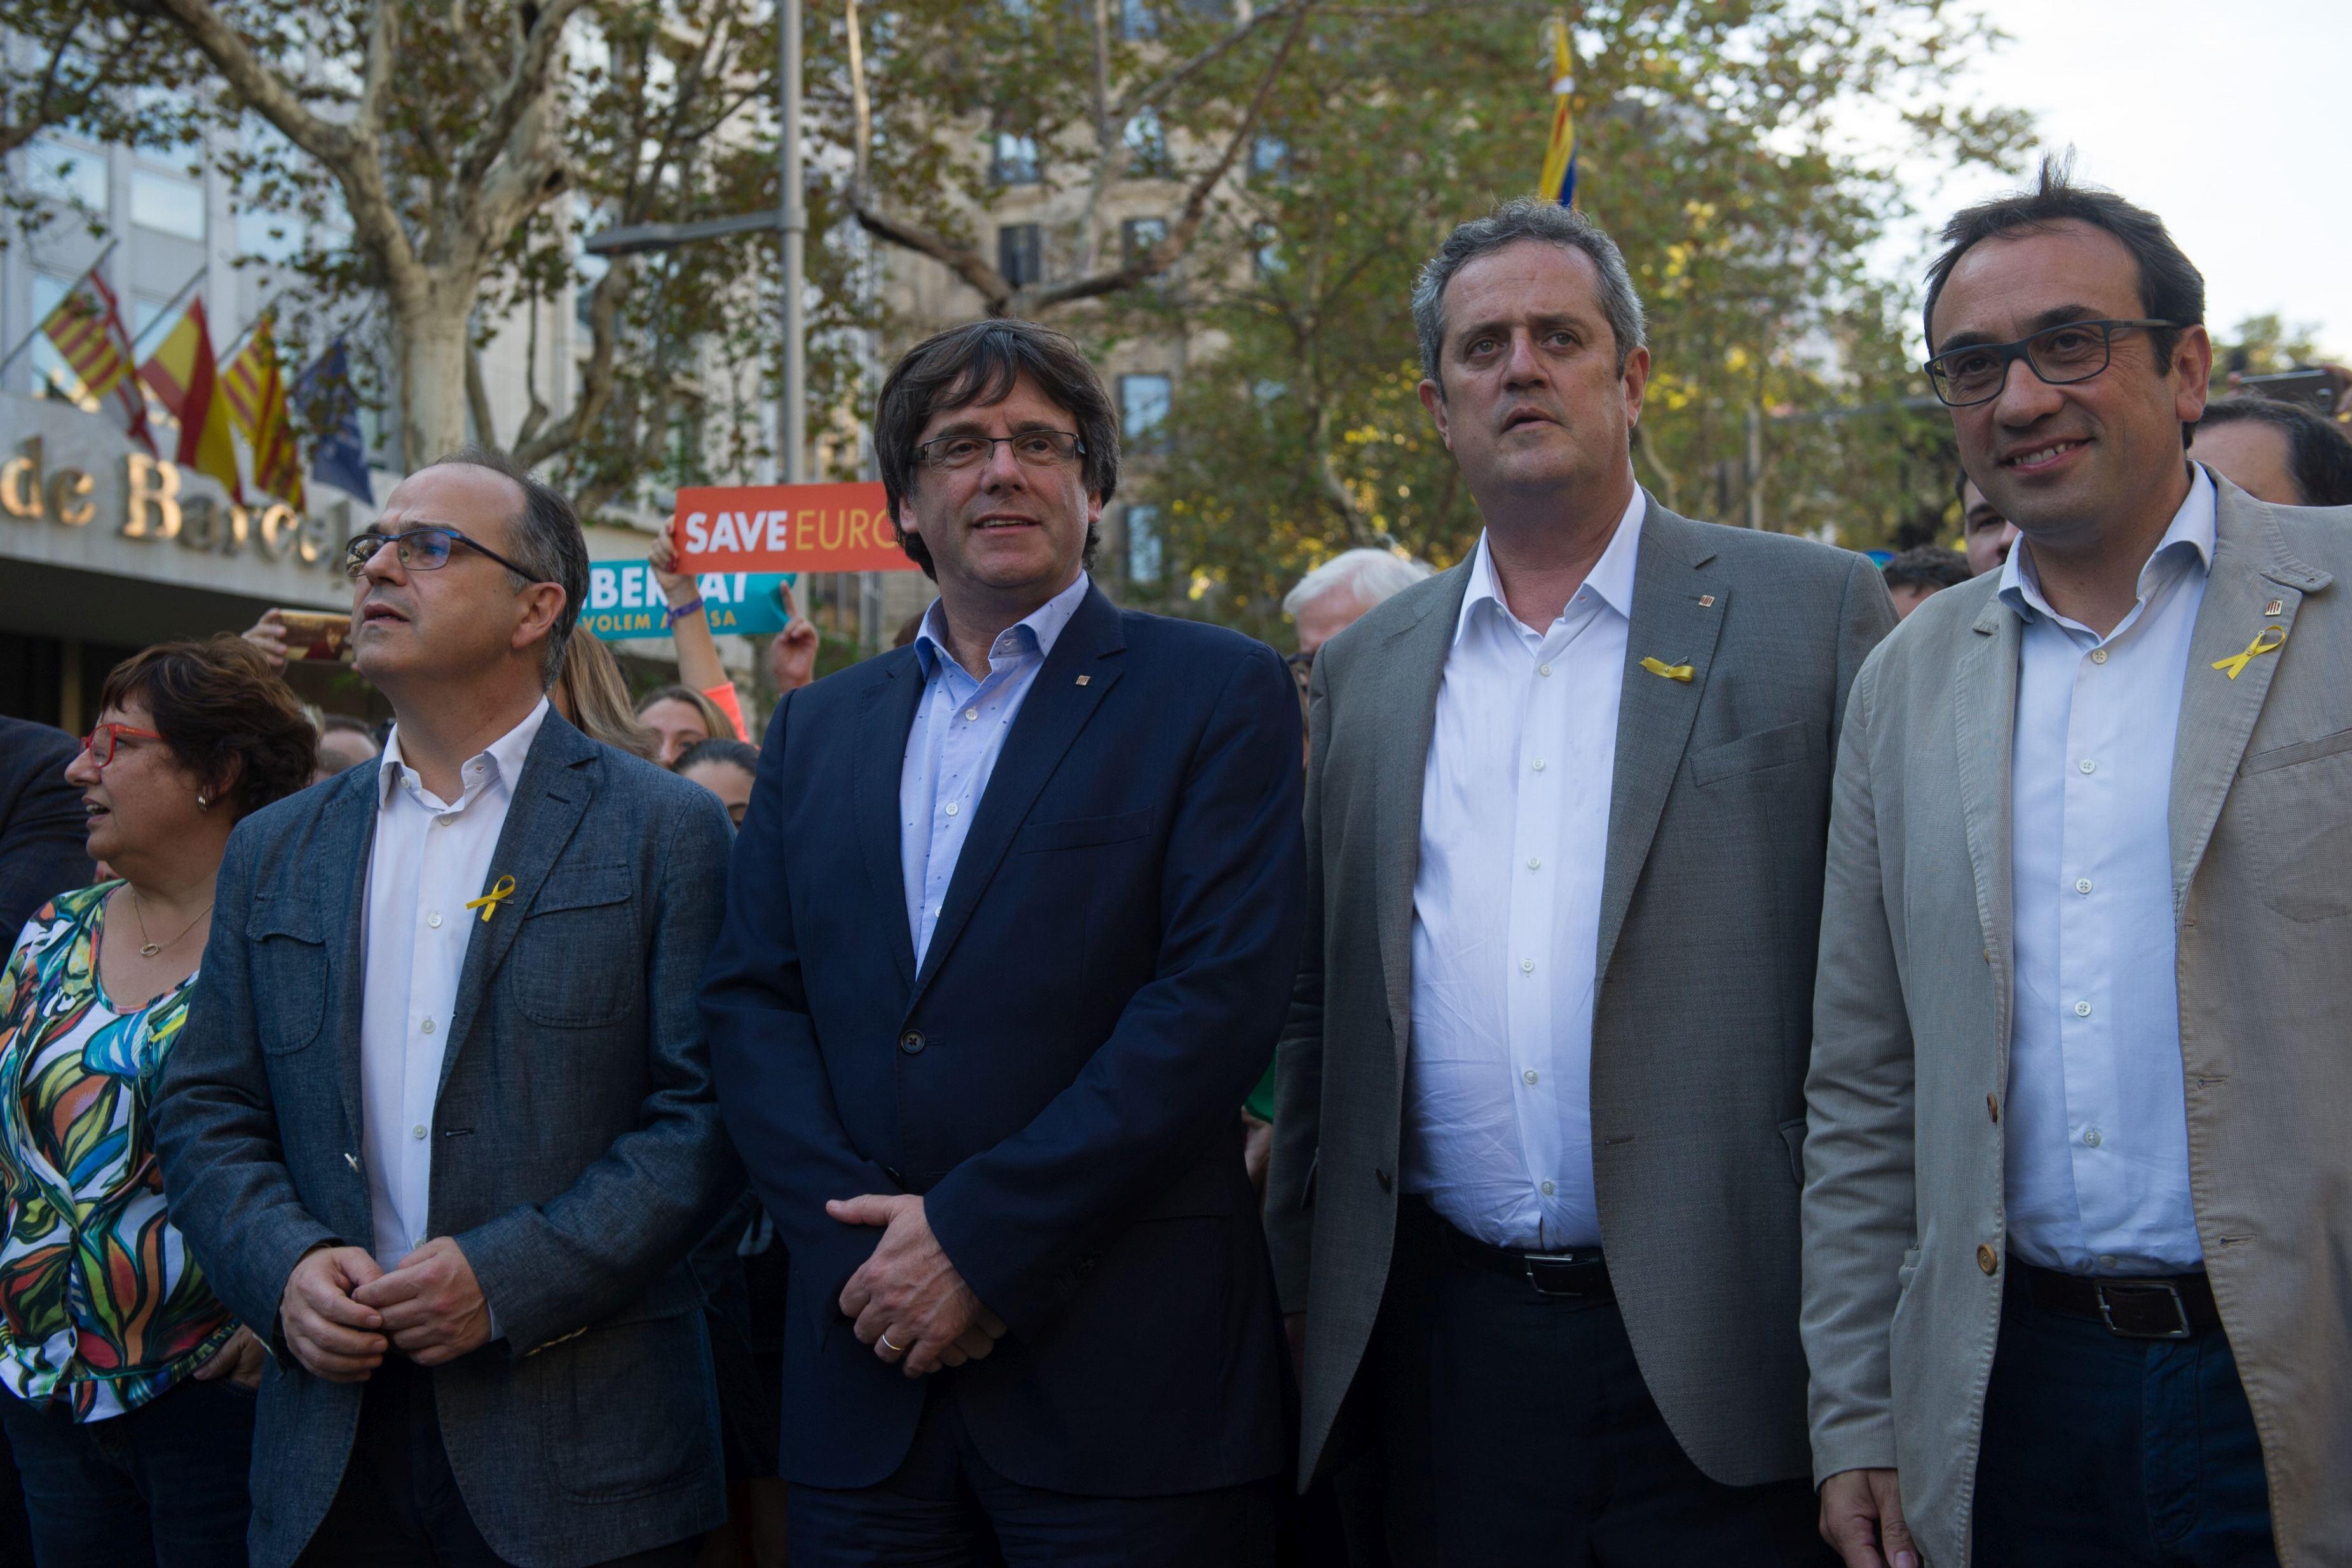 Partidele care susţin independenţa Cataloniei vor pierde majoritatea în Parlamentul regional